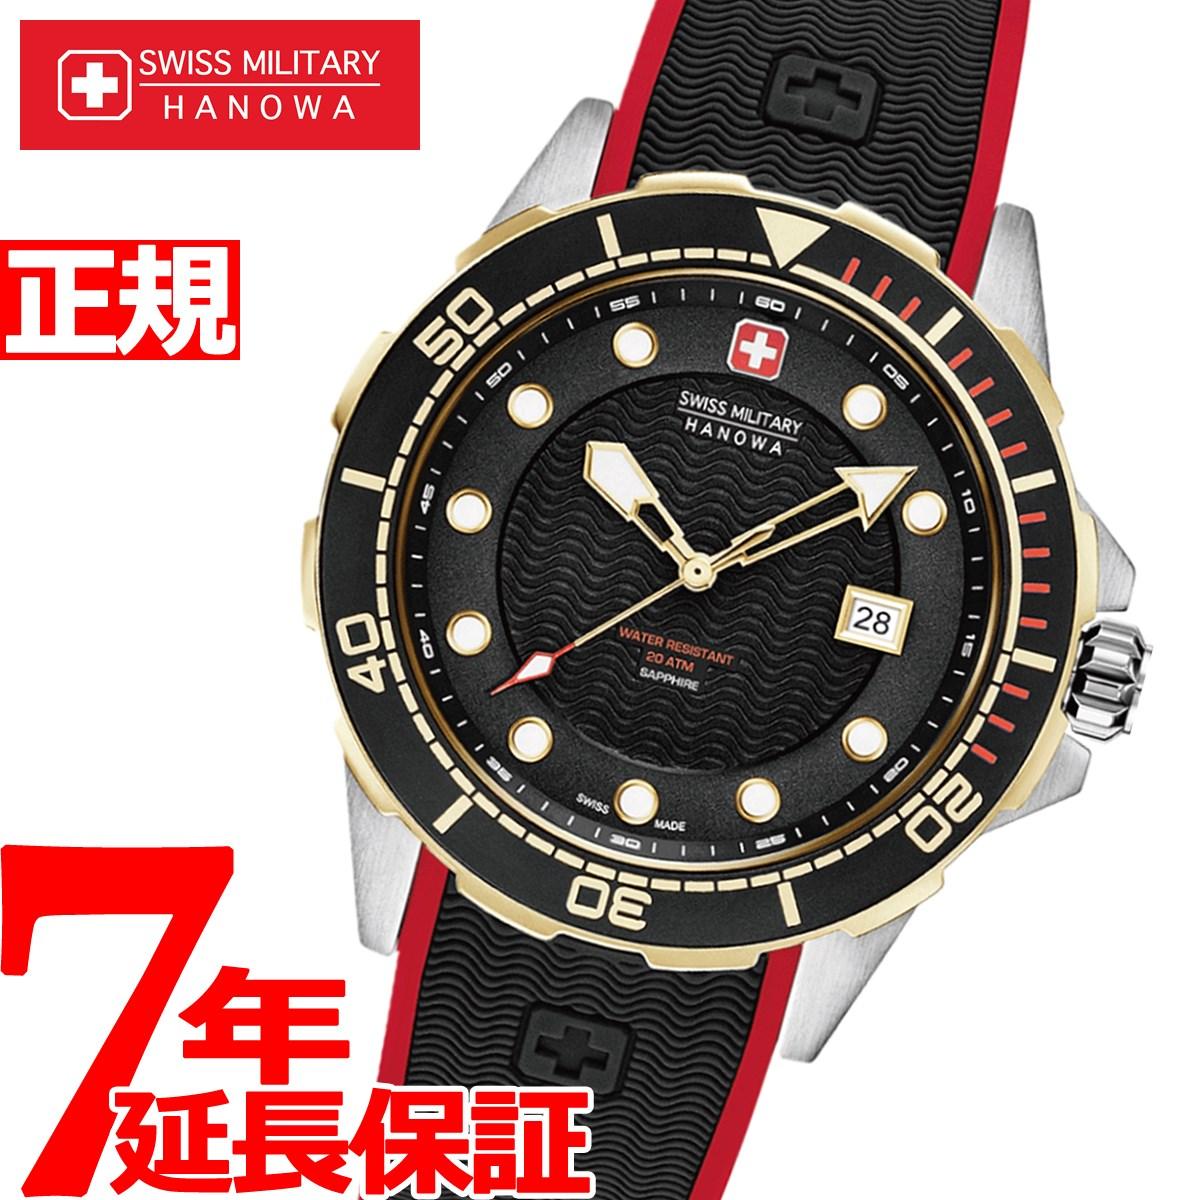 【5日0時~♪2000円OFFクーポン&店内ポイント最大51倍!5日23時59分まで】スイスミリタリー SWISS MILITARY 店舗限定モデル 腕時計 メンズ ネプチューン ダイバー NEPTUNE DIVER ML-445